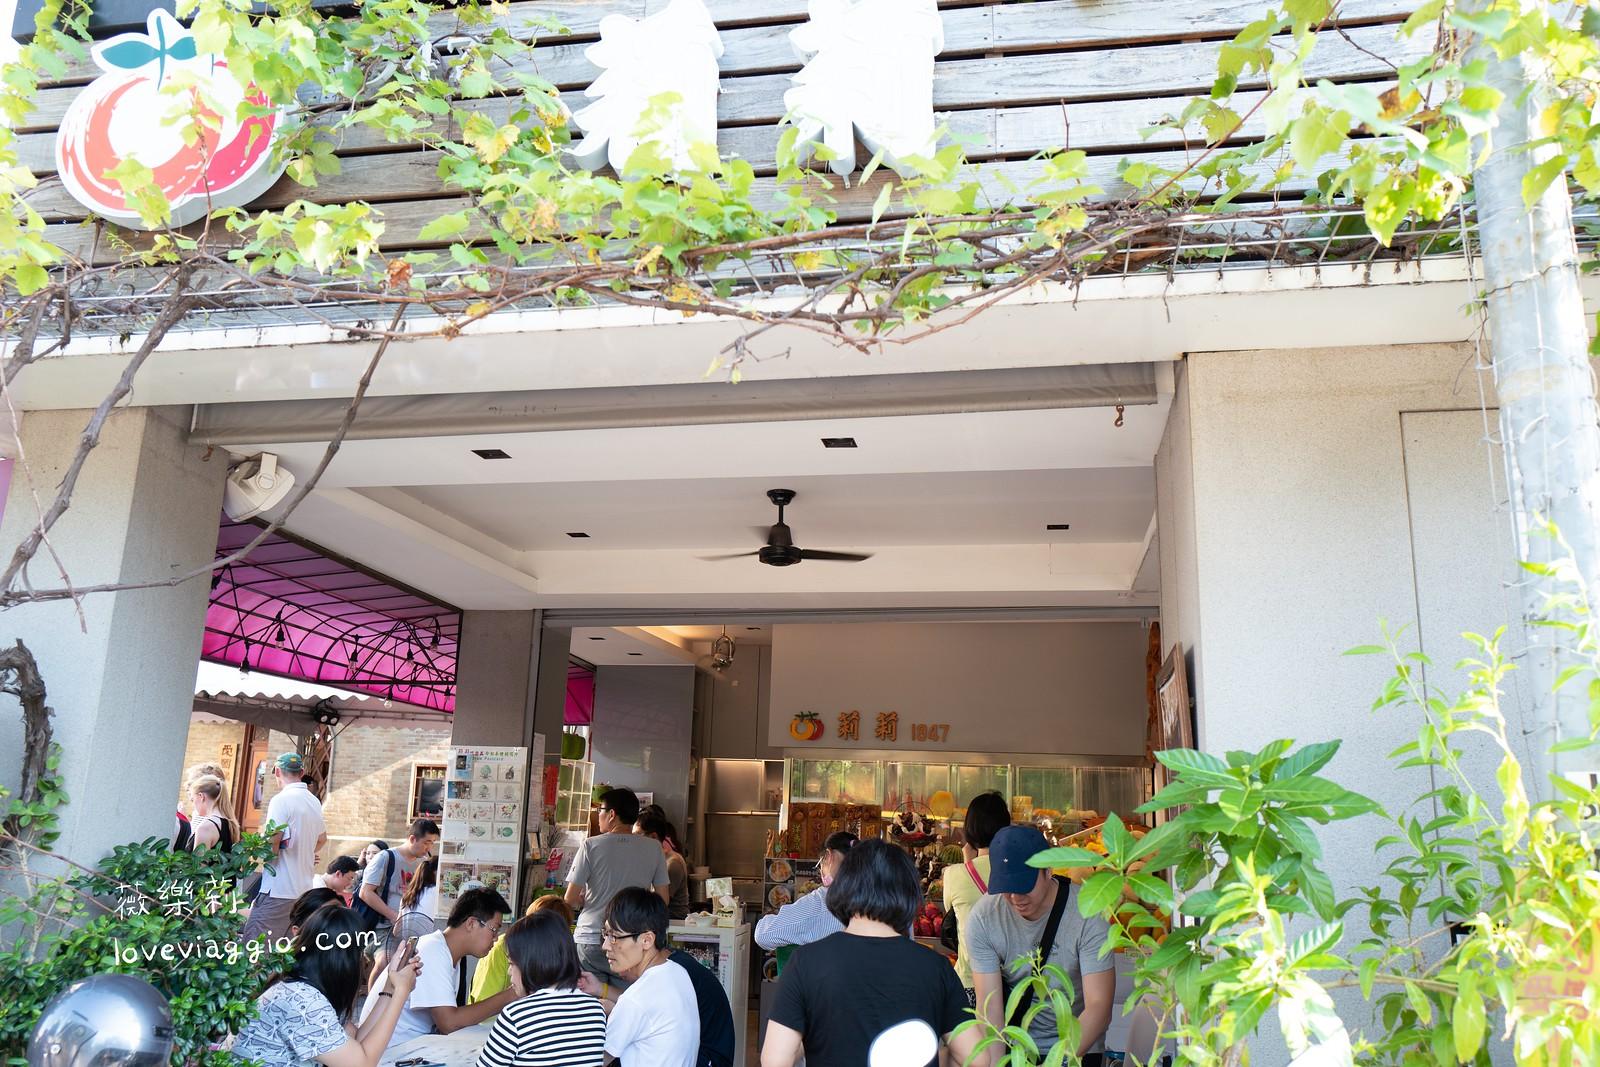 【台南 Tainan】西區散步。一甲子 莉莉水果店 艸祭book inn 二手書店 @薇樂莉 Love Viaggio | 旅行.生活.攝影